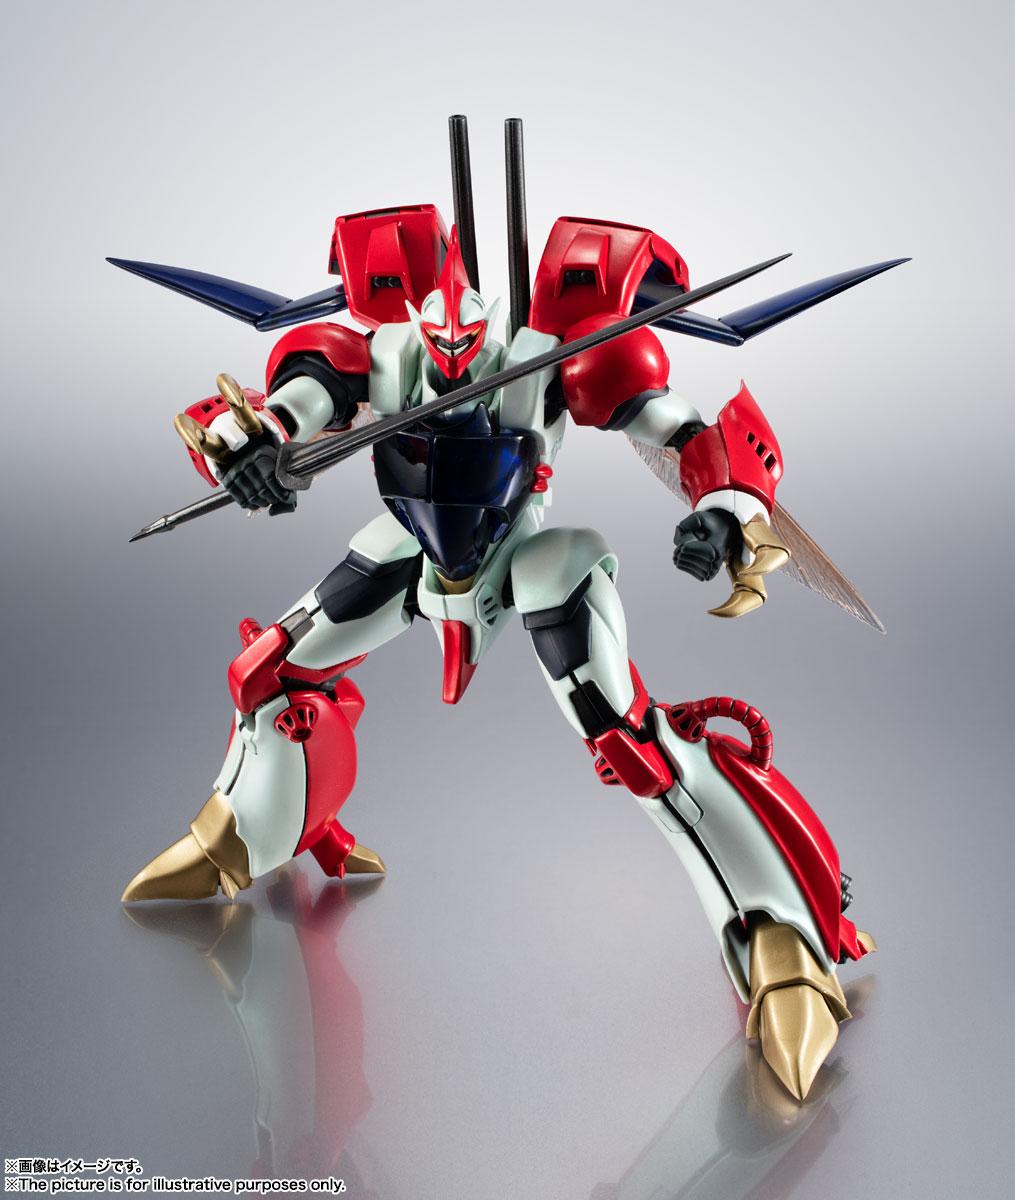 METAL ROBOT魂〈SIDE AB〉『ビルバイン』聖戦士ダンバイン 可変可動フィギュア-006